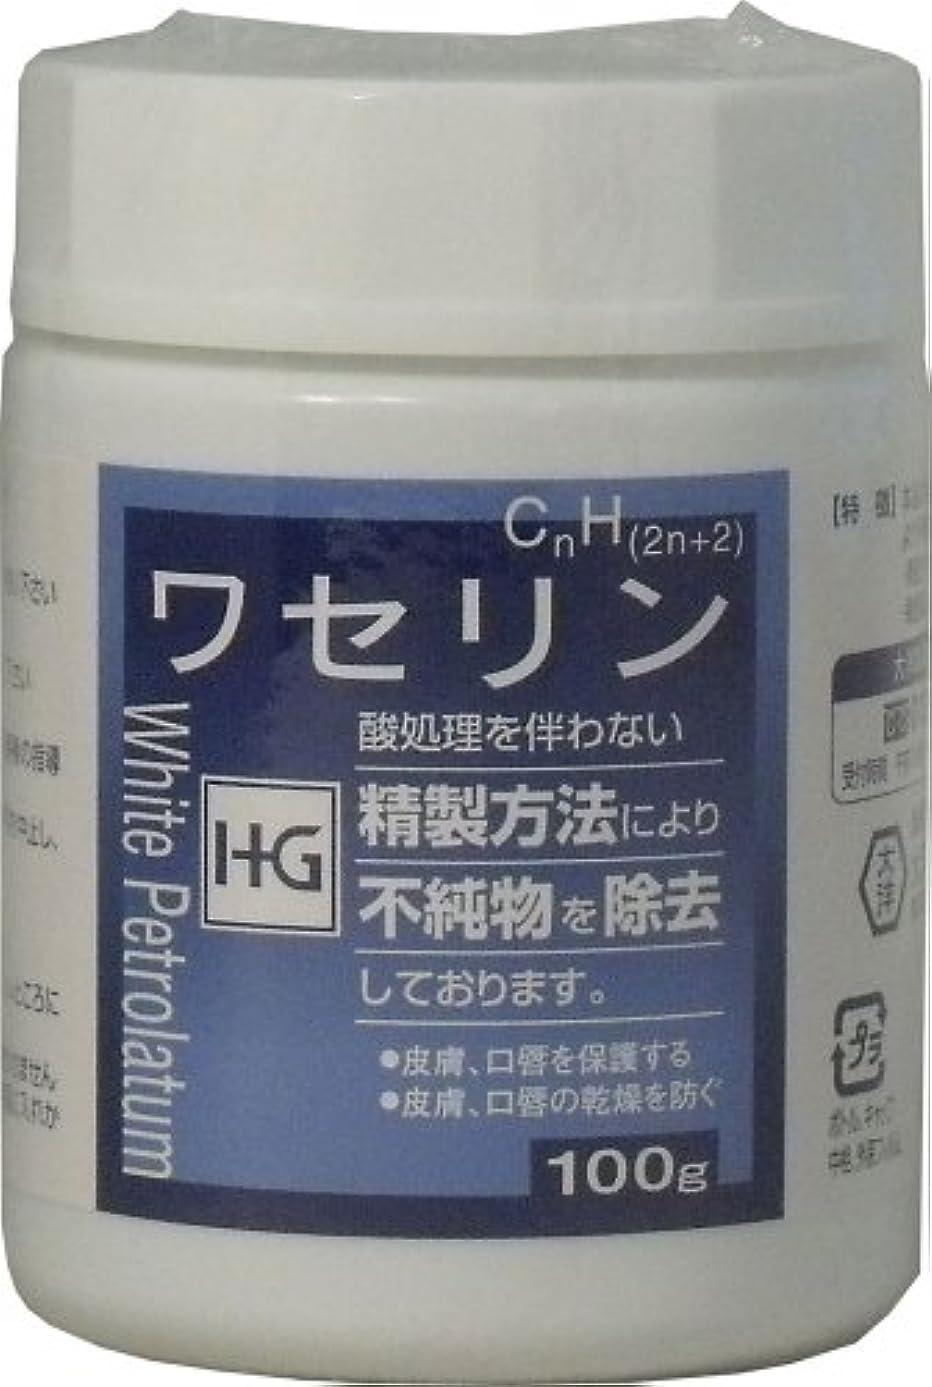 船上知覚速報皮膚保護 ワセリンHG 100g ×10個セット